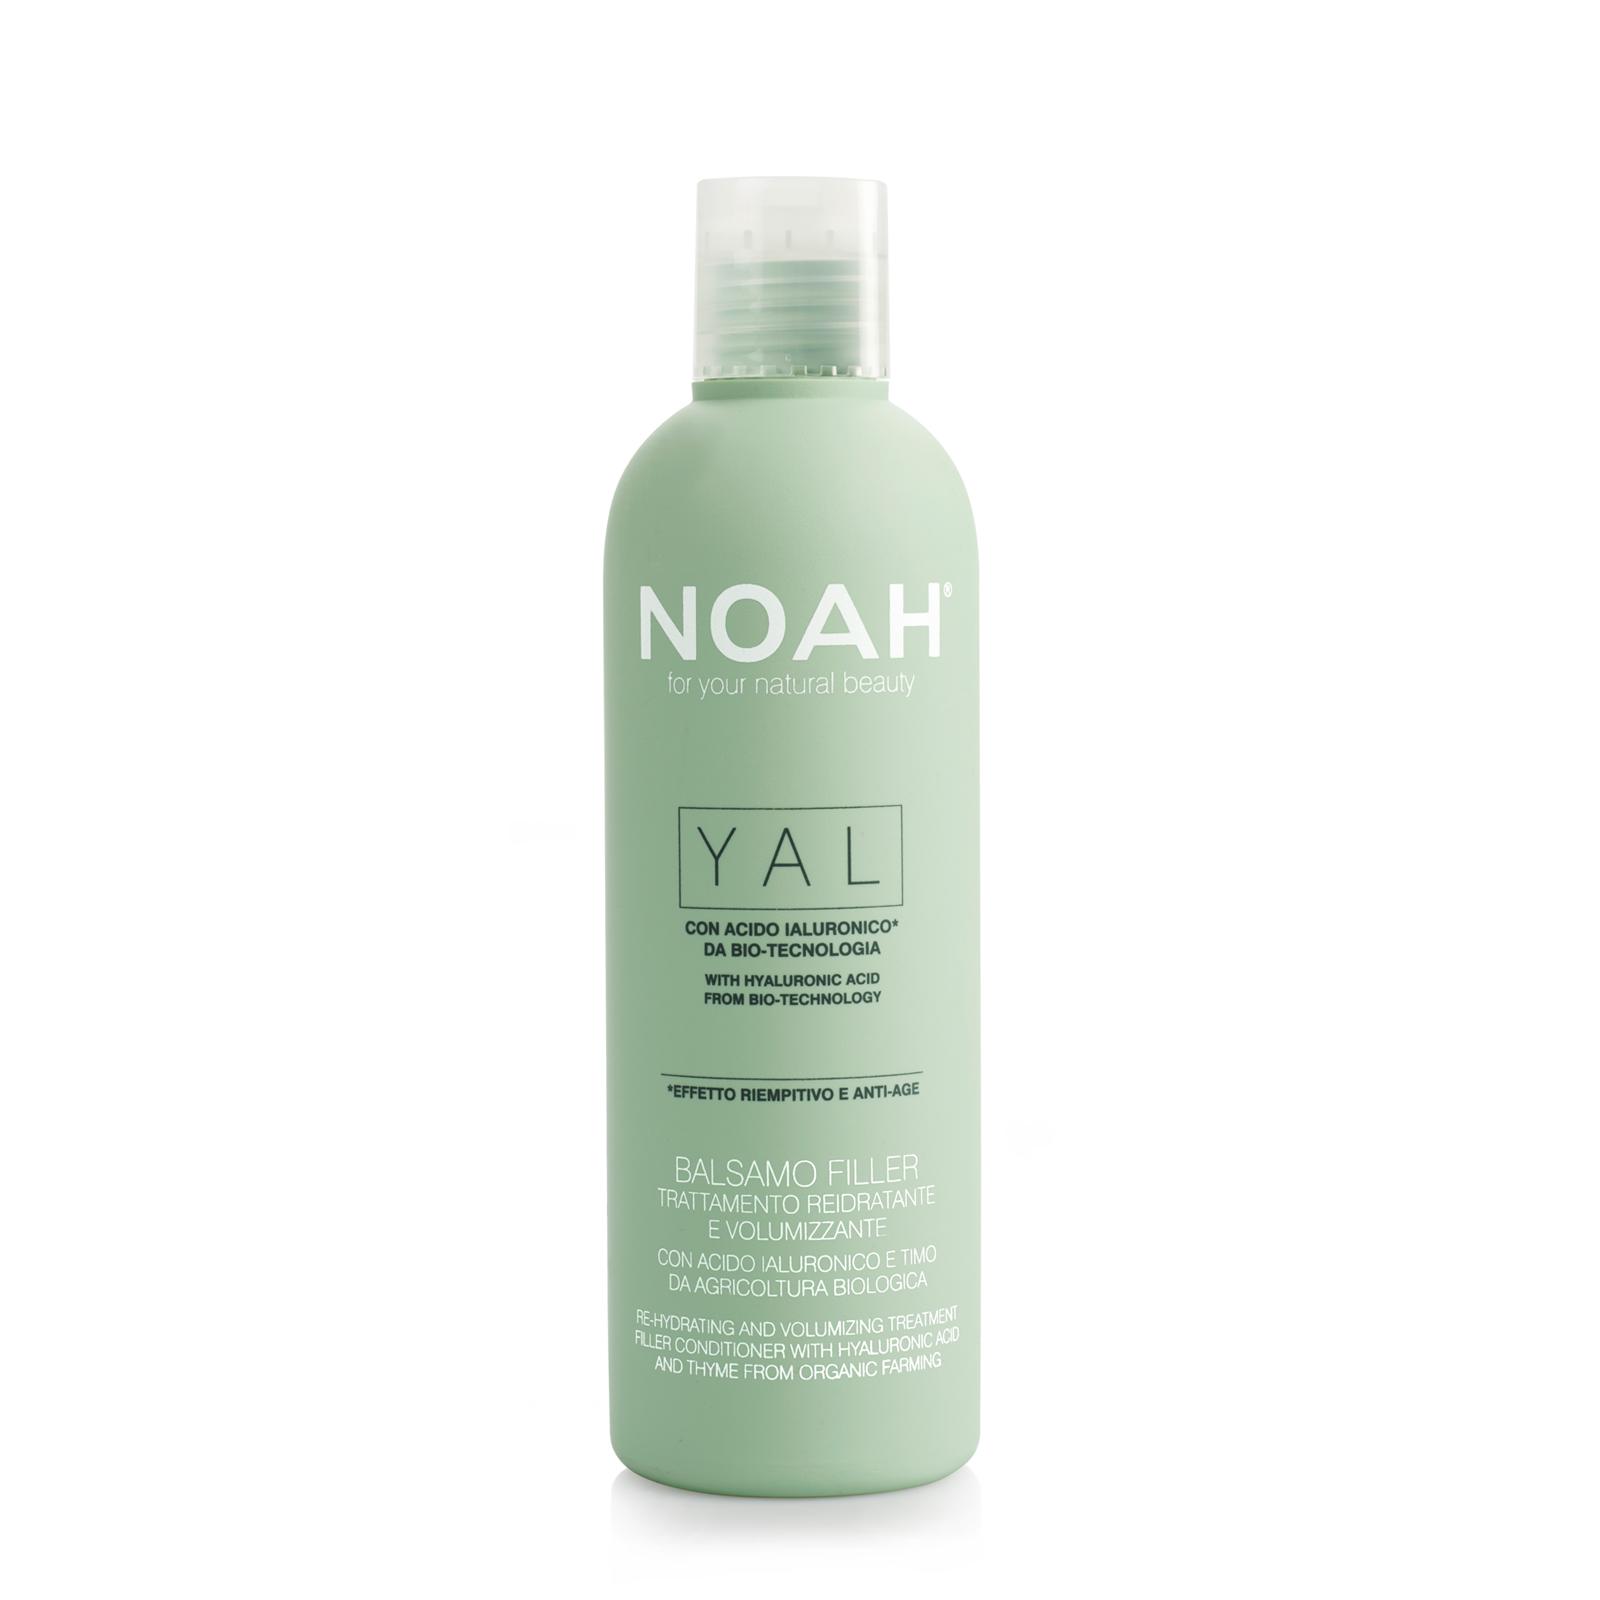 Gydomasis drėkinantis ir purumo suteikiantis balzamas NOAH su hialurono rūgštimi ir čiobreliais iš organinių ūkių, 250 ml